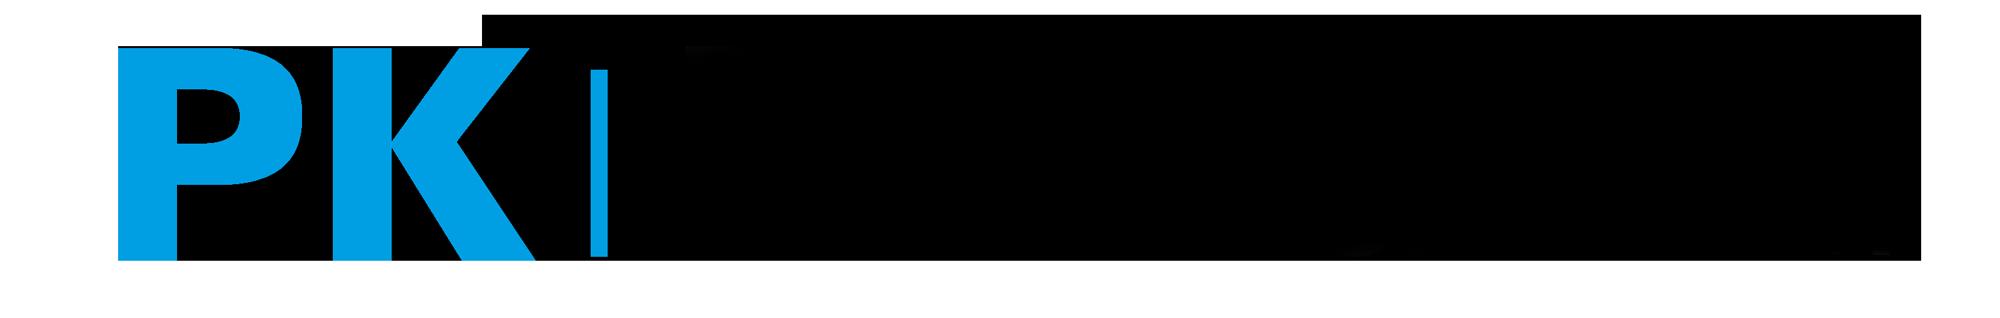 PK-GS